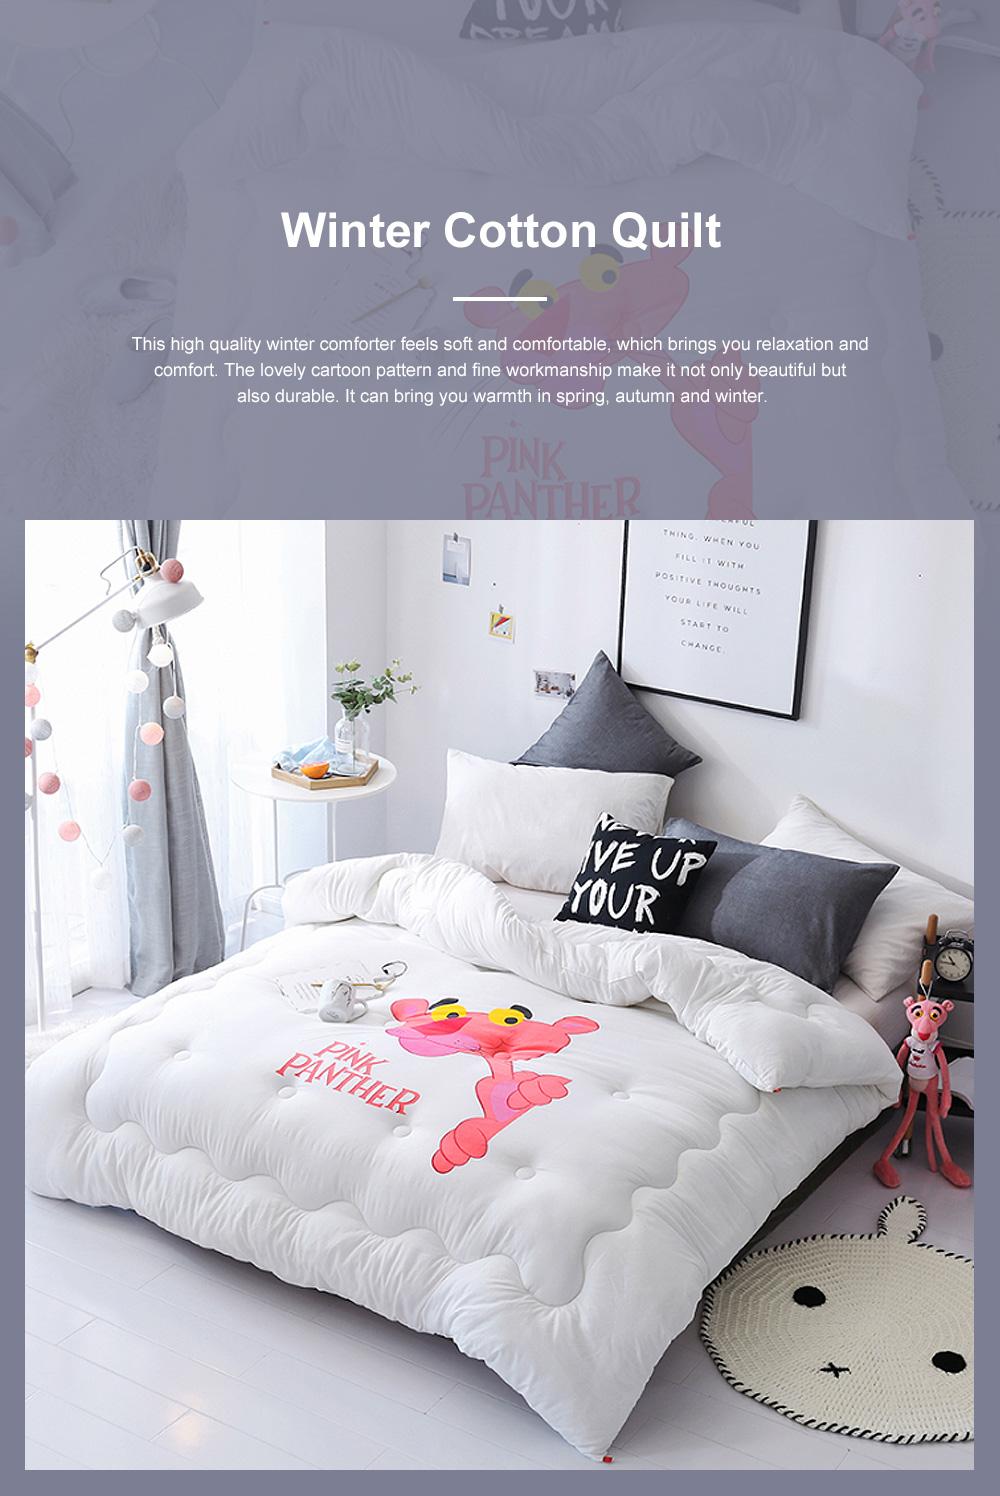 Pink Panther Warm Cotton Quilt Winter Spring Quilt Set Super Soft Washable 5 Colors 200 x 230cm 0